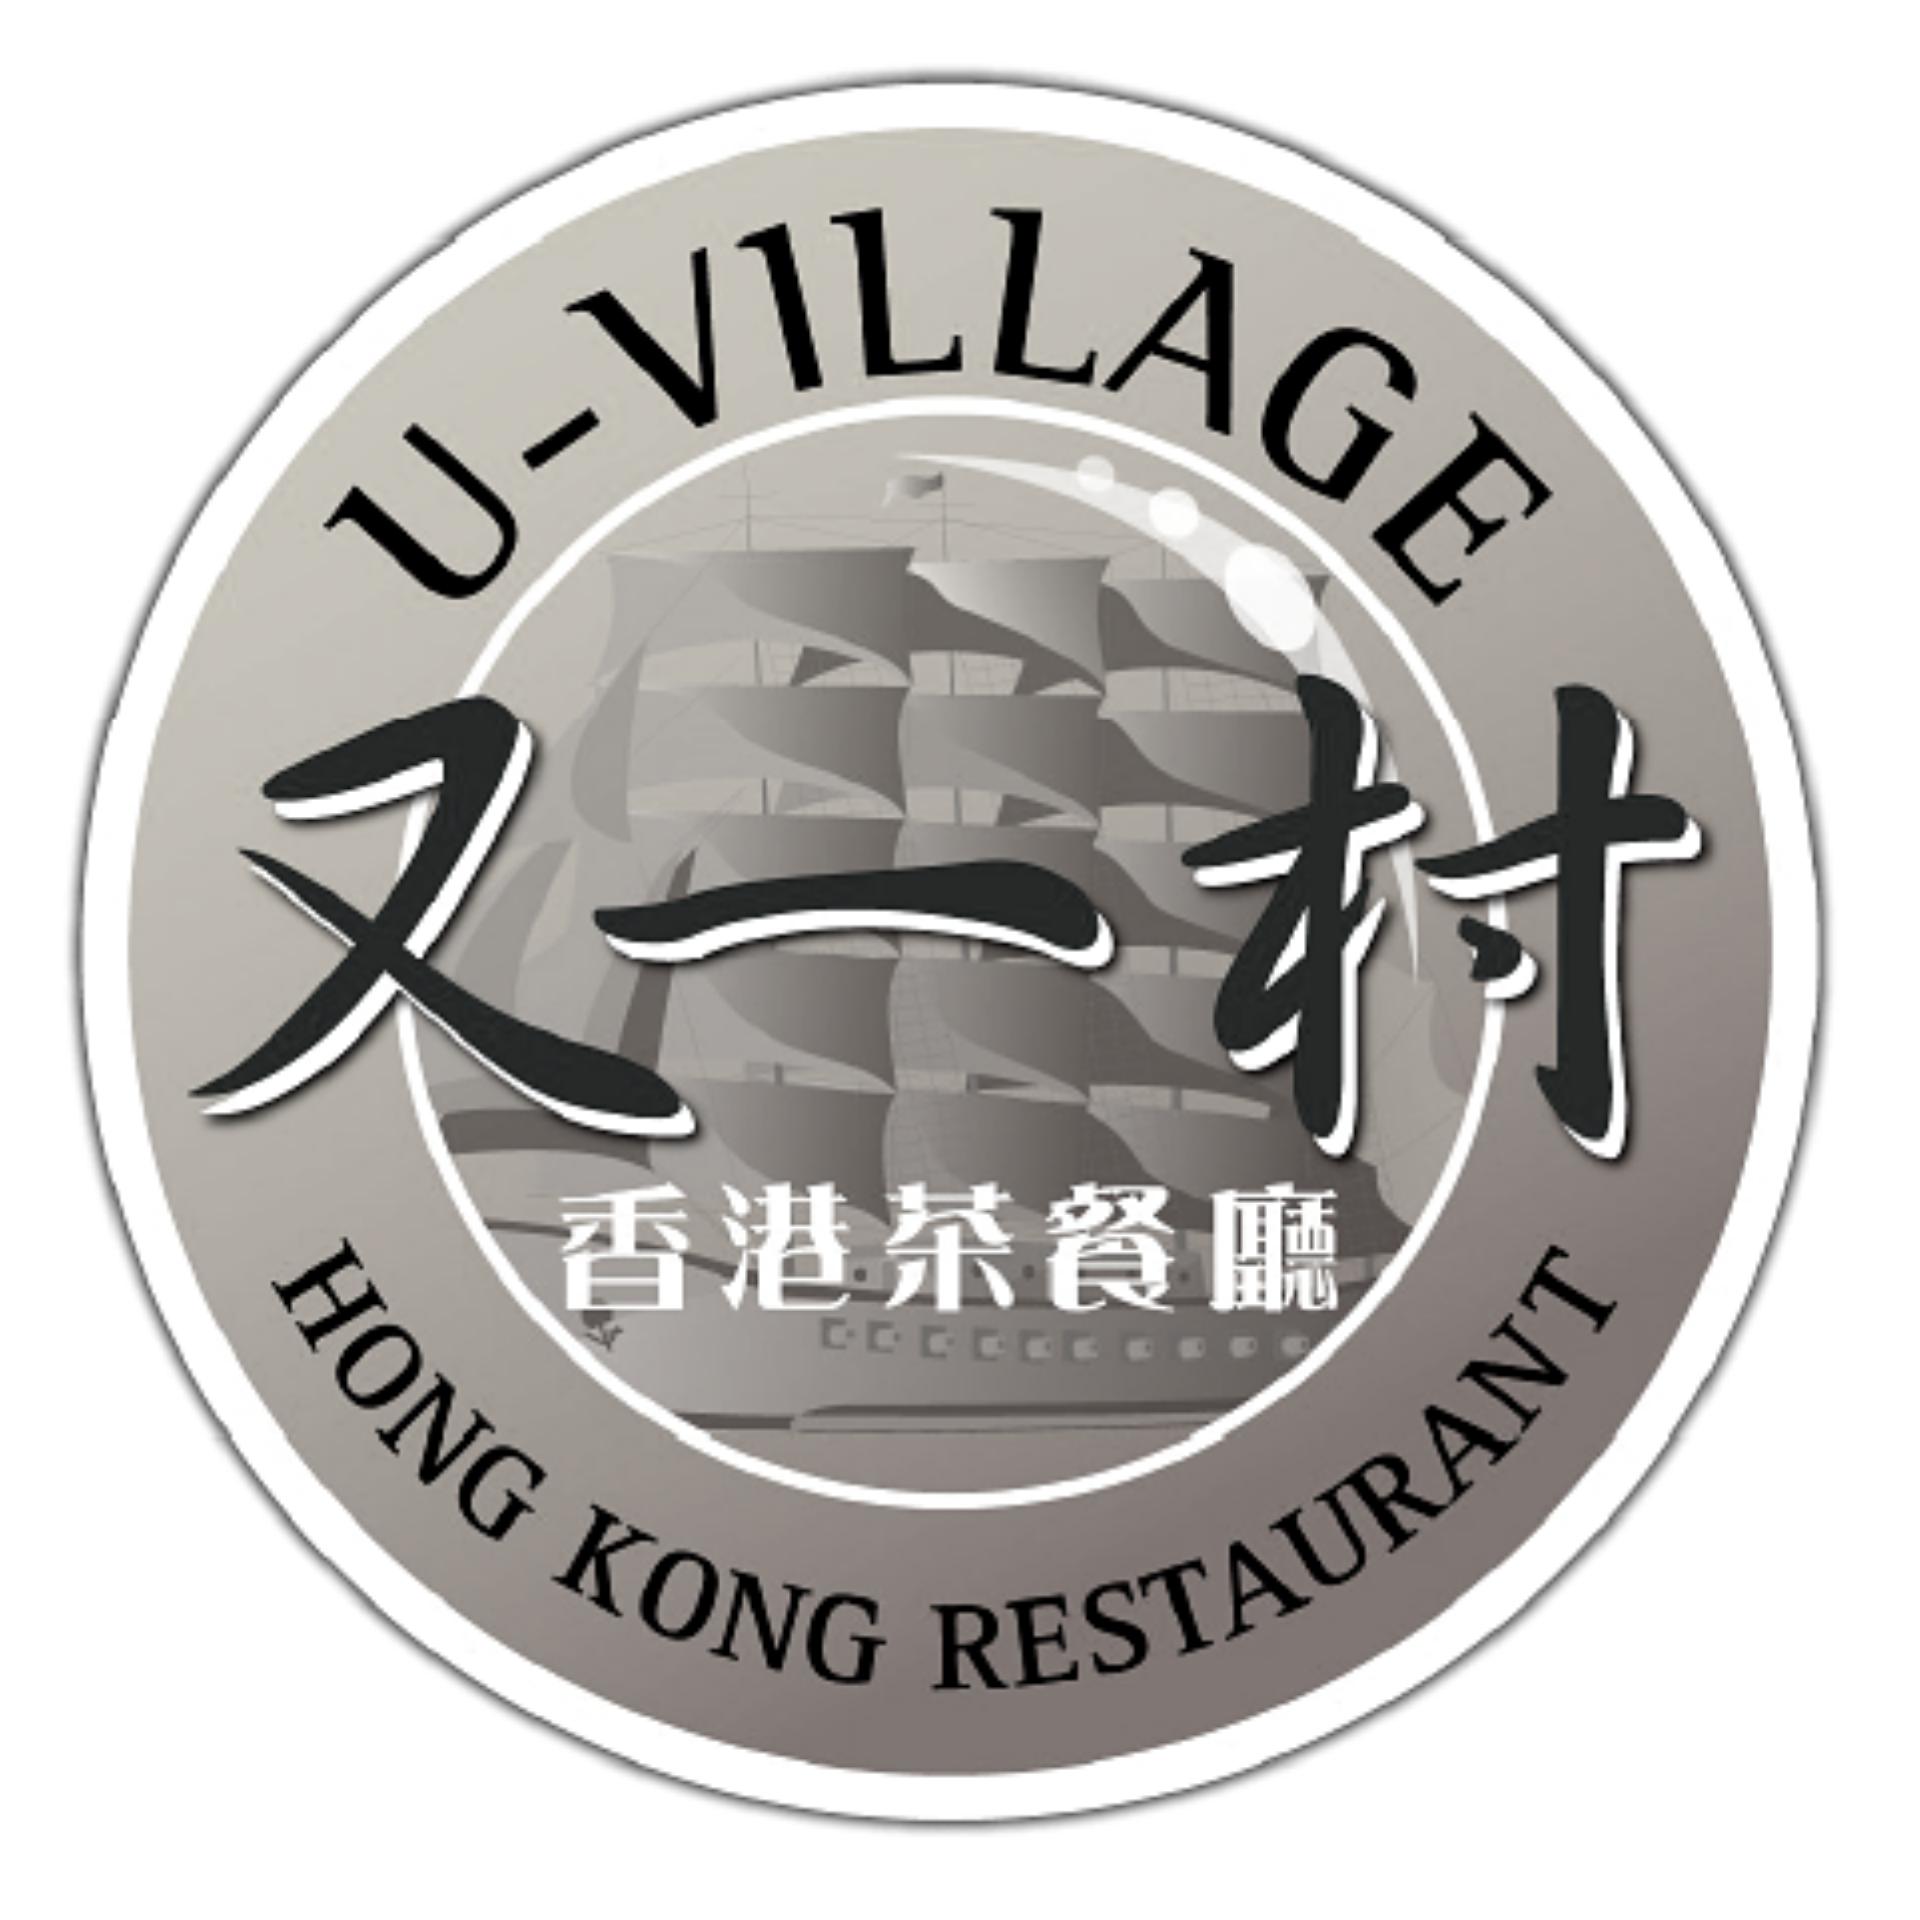 U village restaurant